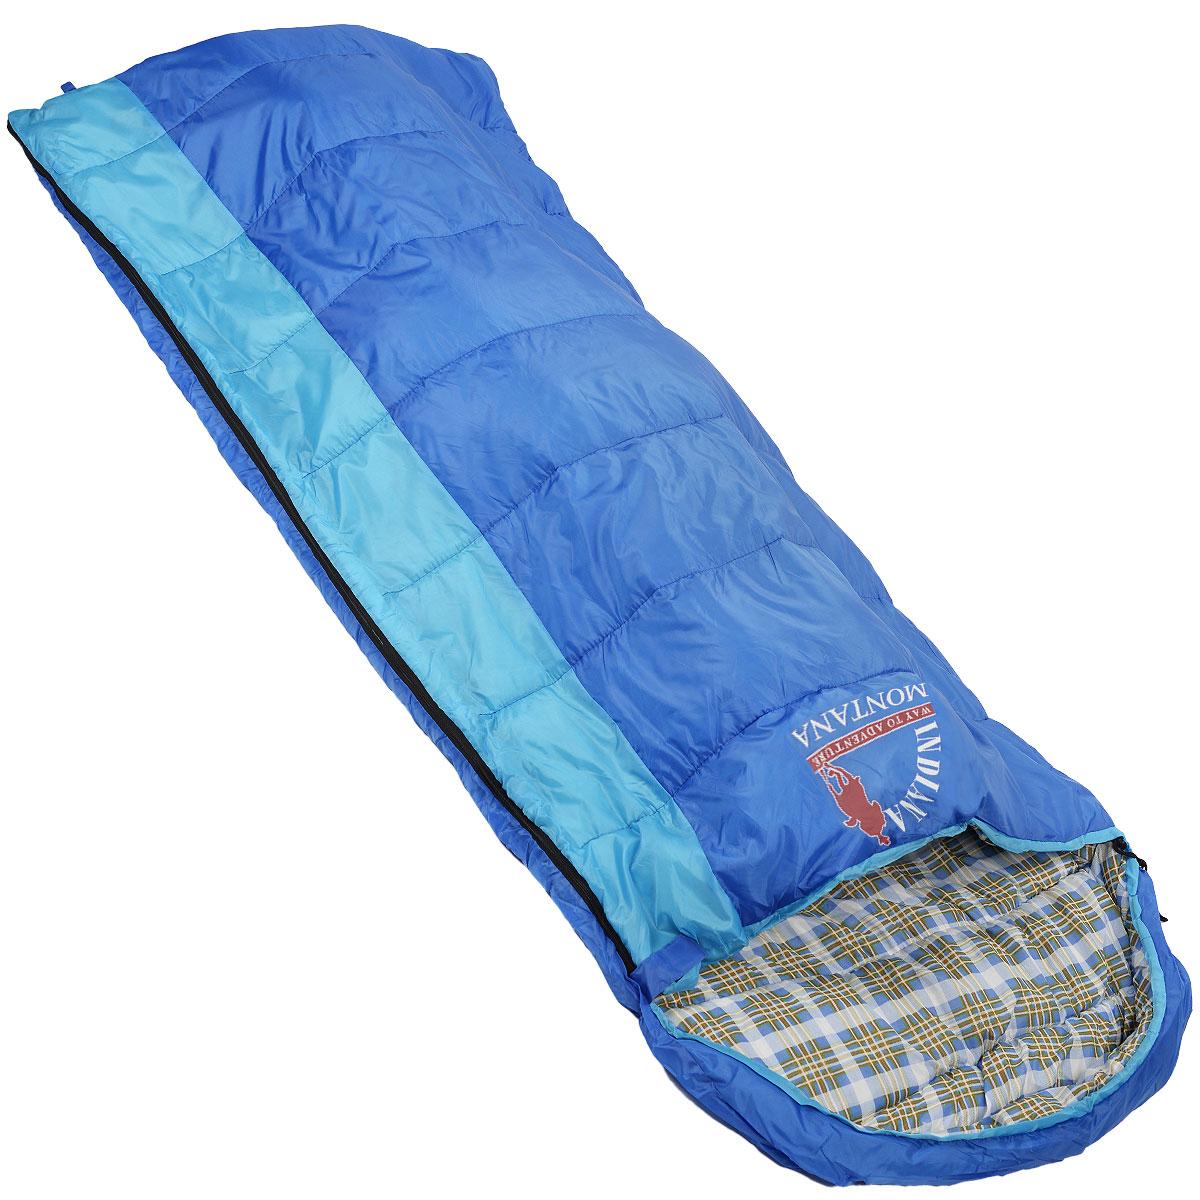 Спальный мешок-одеяло Indiana Montana L-zip от -4 C, цвет: синий, голубой, левосторонняя молния, 180+35 см х 90 см360700034Данная модель предусмотрена для холодного времени года, так как рассчитана на температуру до -4° C. Увеличенные размеры, возможность состегивания двух спальных мешков с правой и левой молнией, делают спальный мешок MONTANA оптимальным выбором для отдых а на природе, туризма и кемпинга в том числе и в холодное время года. Слой синтетического утеплителя контролирует терморегуляцию внутри спального мешка, поддерживая в нем необходимую температуру независимо от значения температуры окружающего воздуха. Коконообразная анатомическая форма обеспечивает плотное прилегание спального мешка, в то же время внутри него предусмотрено достаточно свободного места для комфортного сна. В сложенном виде мешок занимает очень мало места и весит совсем не много.Тип спального мешка: одеяло с капюшоном.Внешний материал: полиэстер. Внутренний материал: полиэстер.